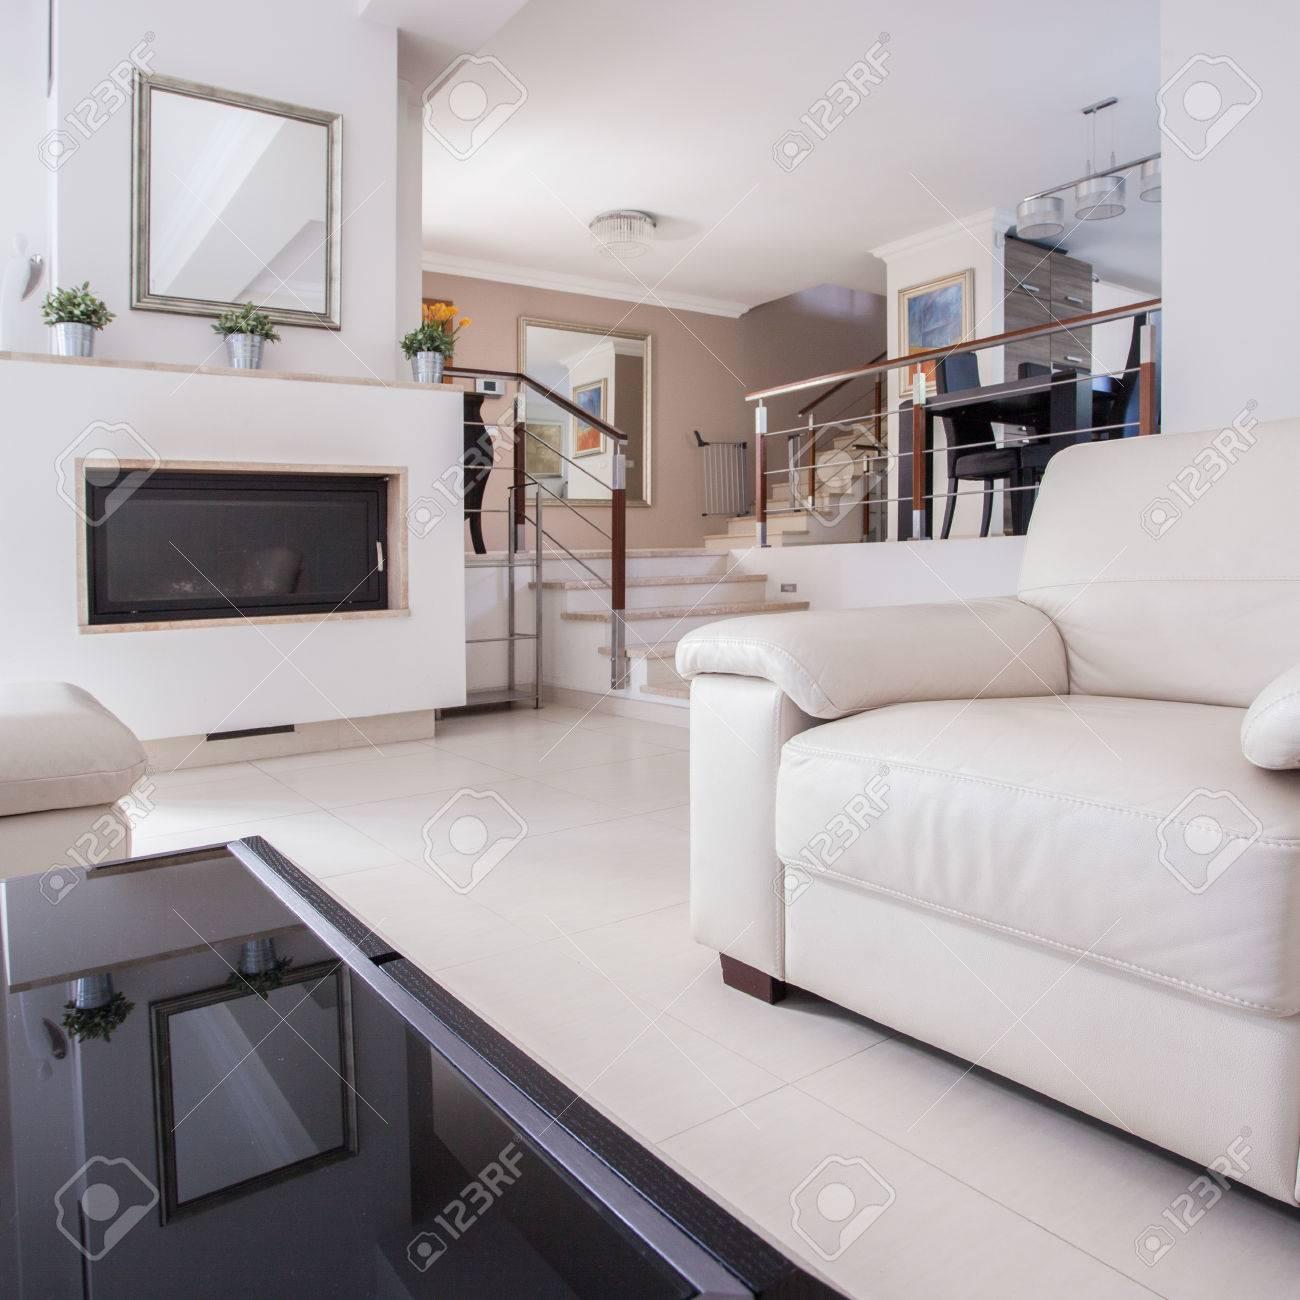 Bild Von Einem Gemutlichen Wohnzimmer In Luxus Villa Lizenzfreie Fotos Bilder Und Stock Fotografie Image 60366286